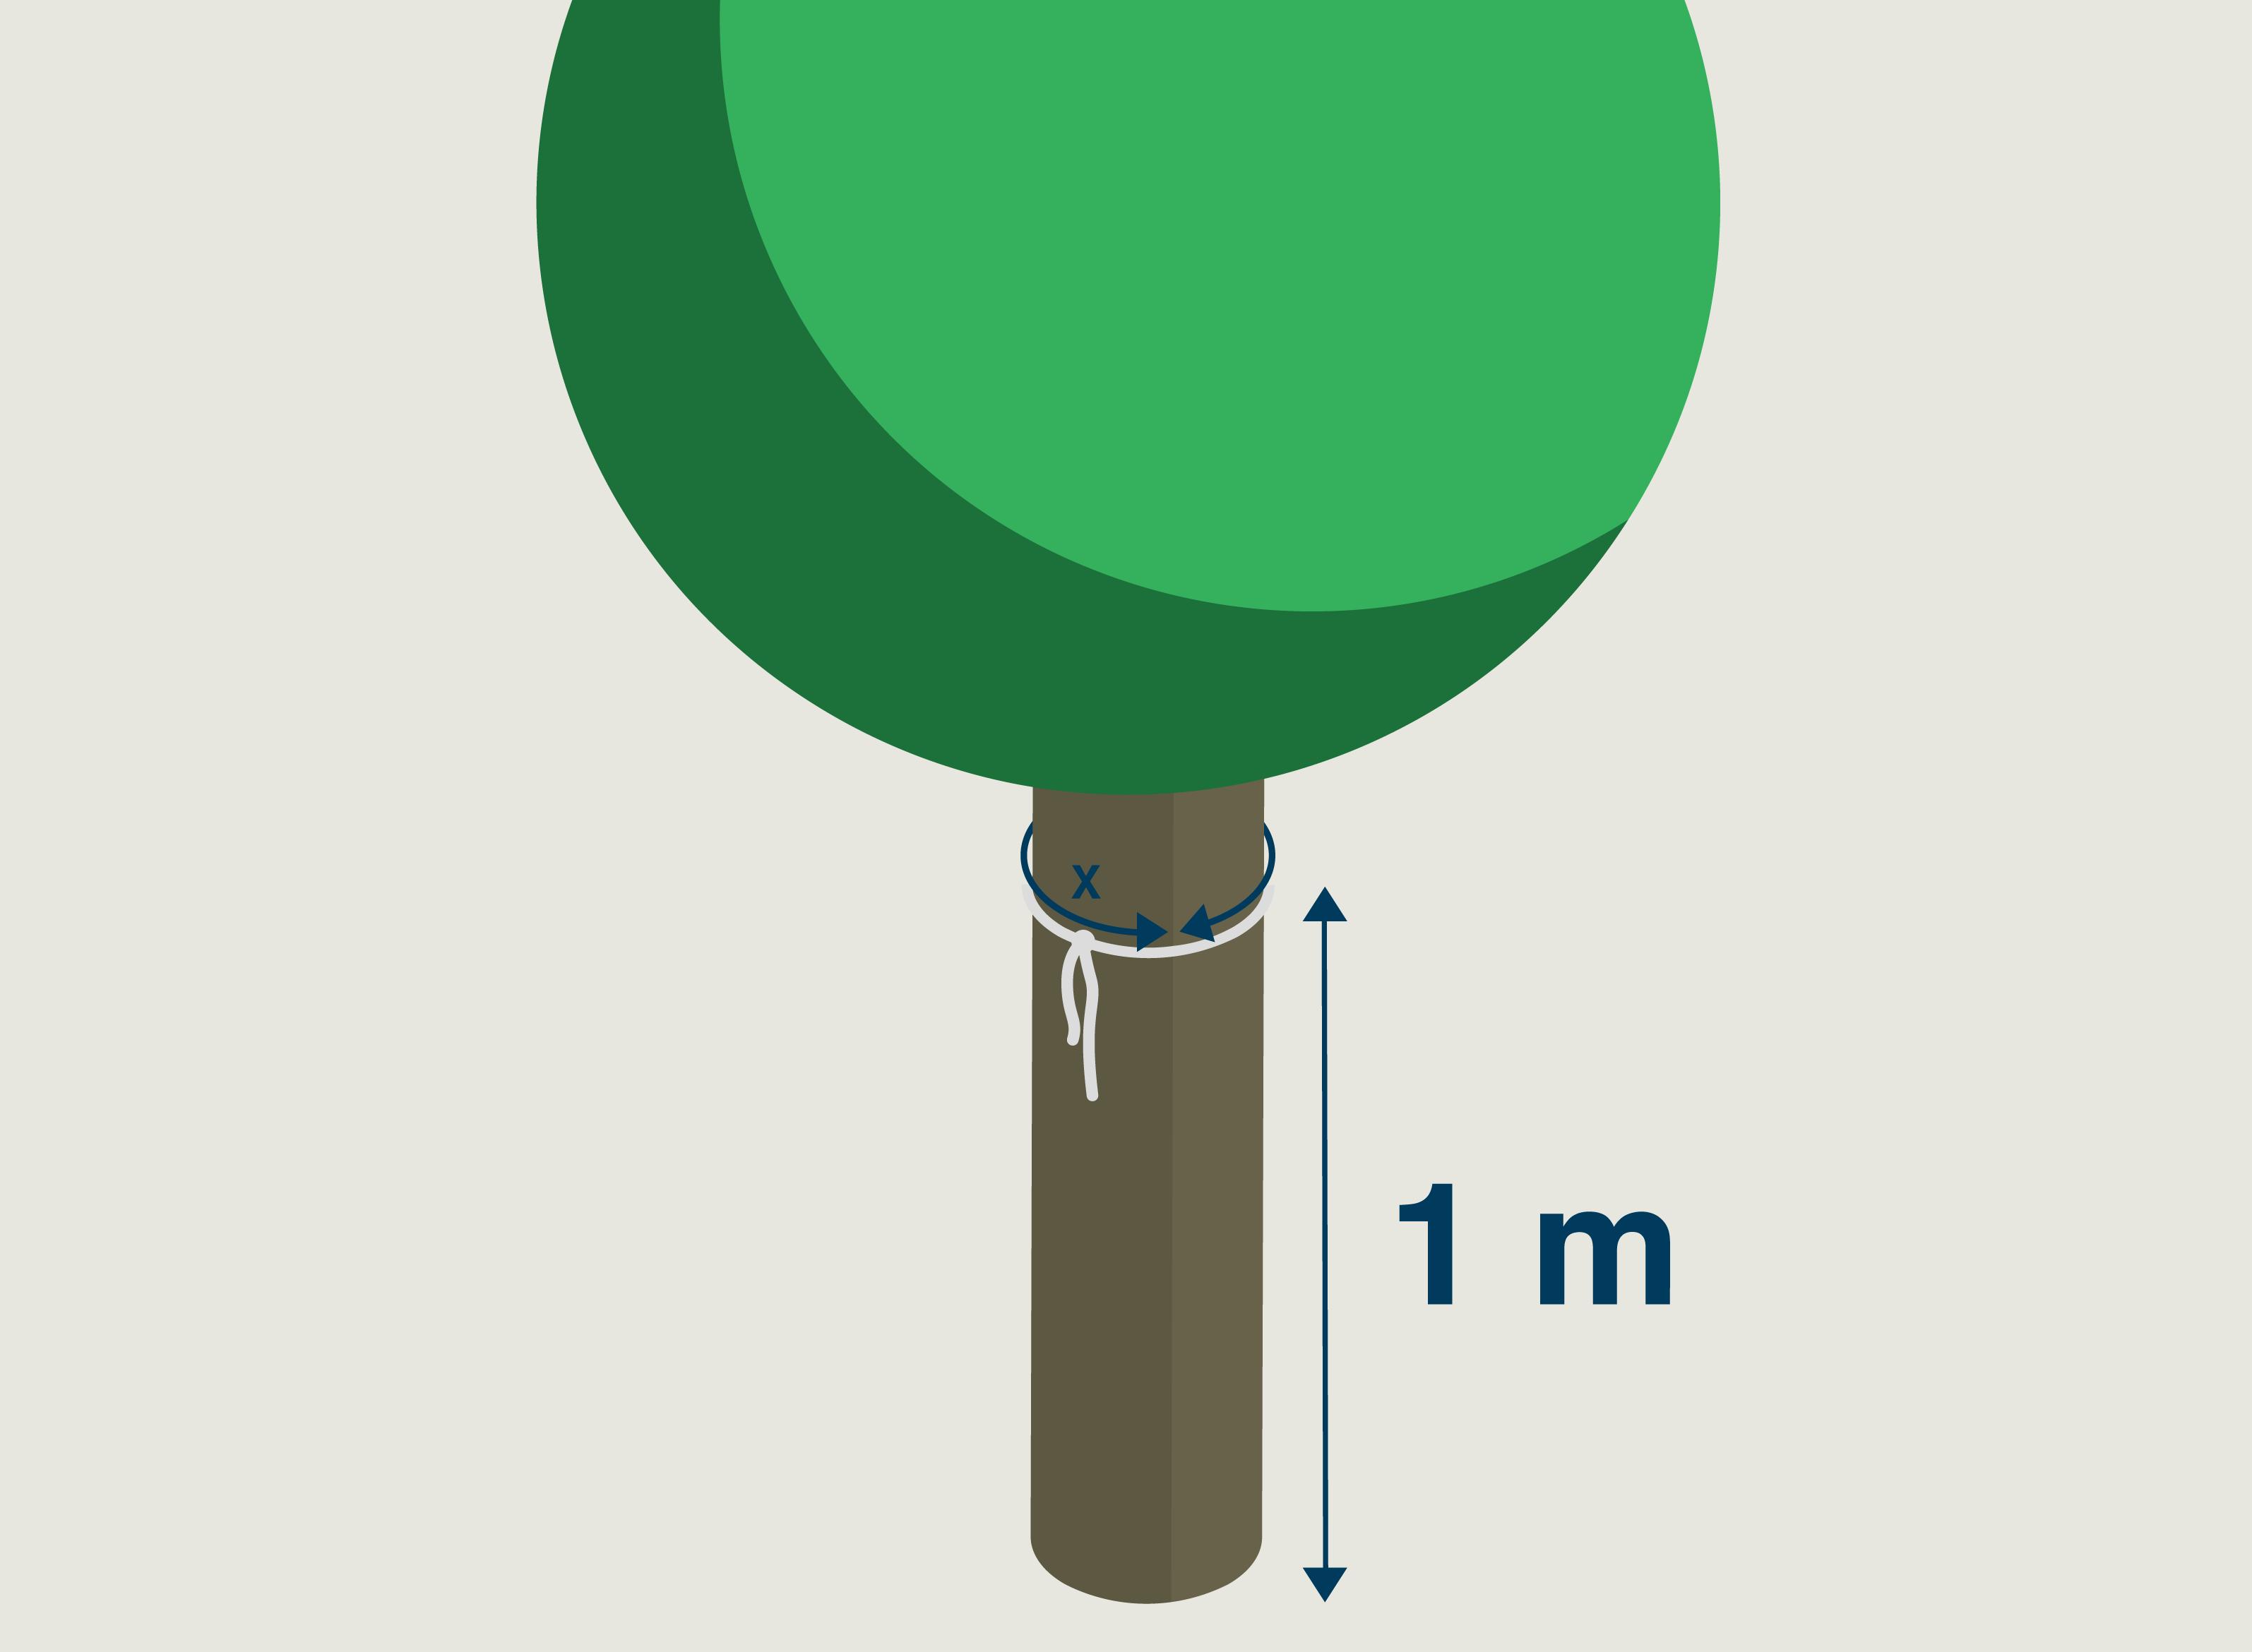 Schéma montrant un arbre d'un mètre